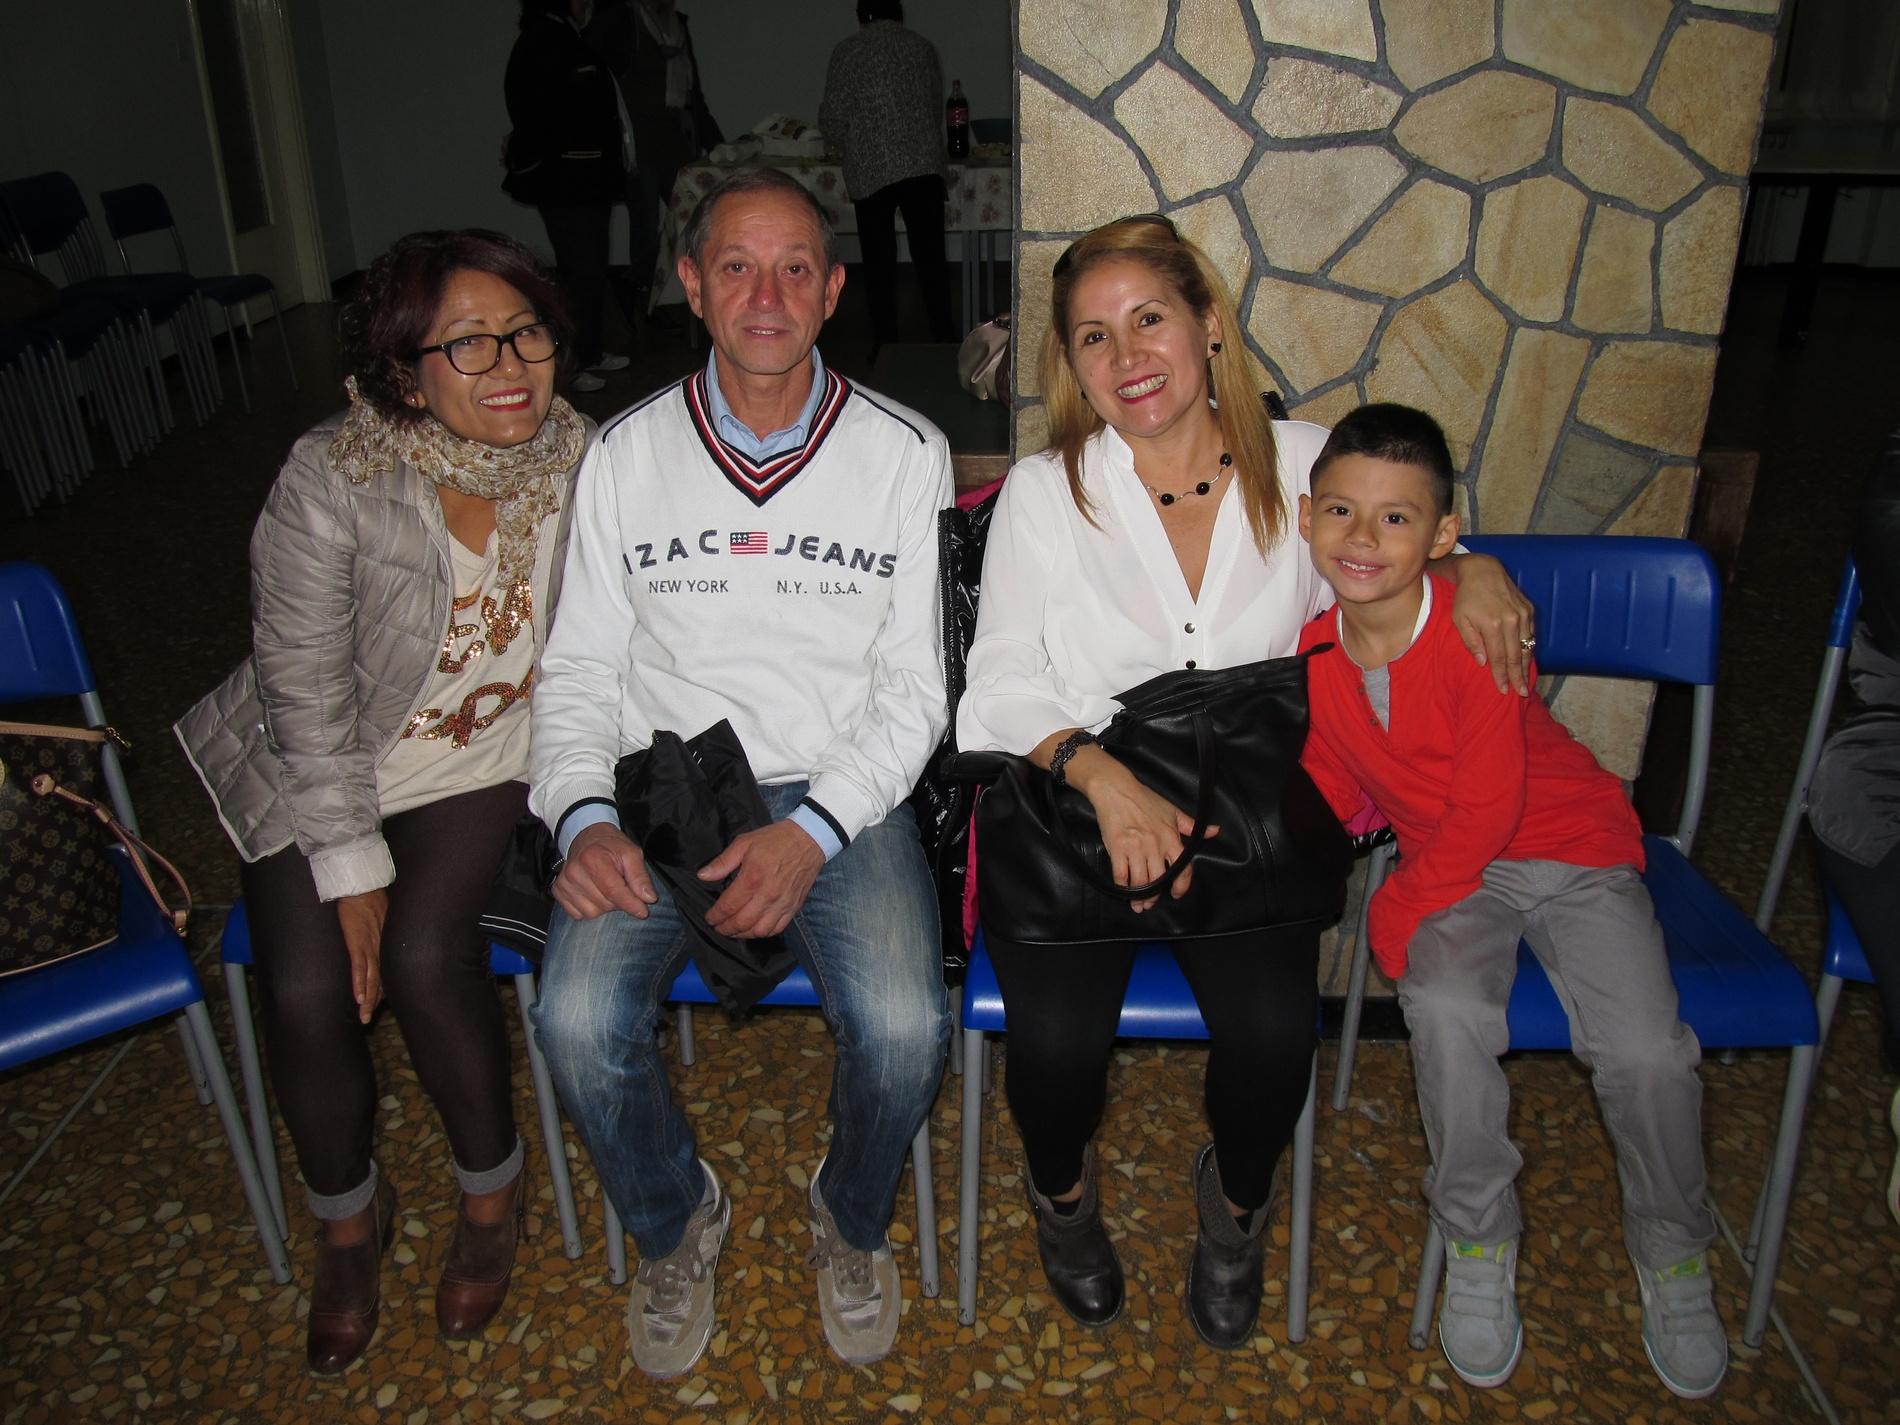 festa-angelo-custode-2015-10-25-17-43-23